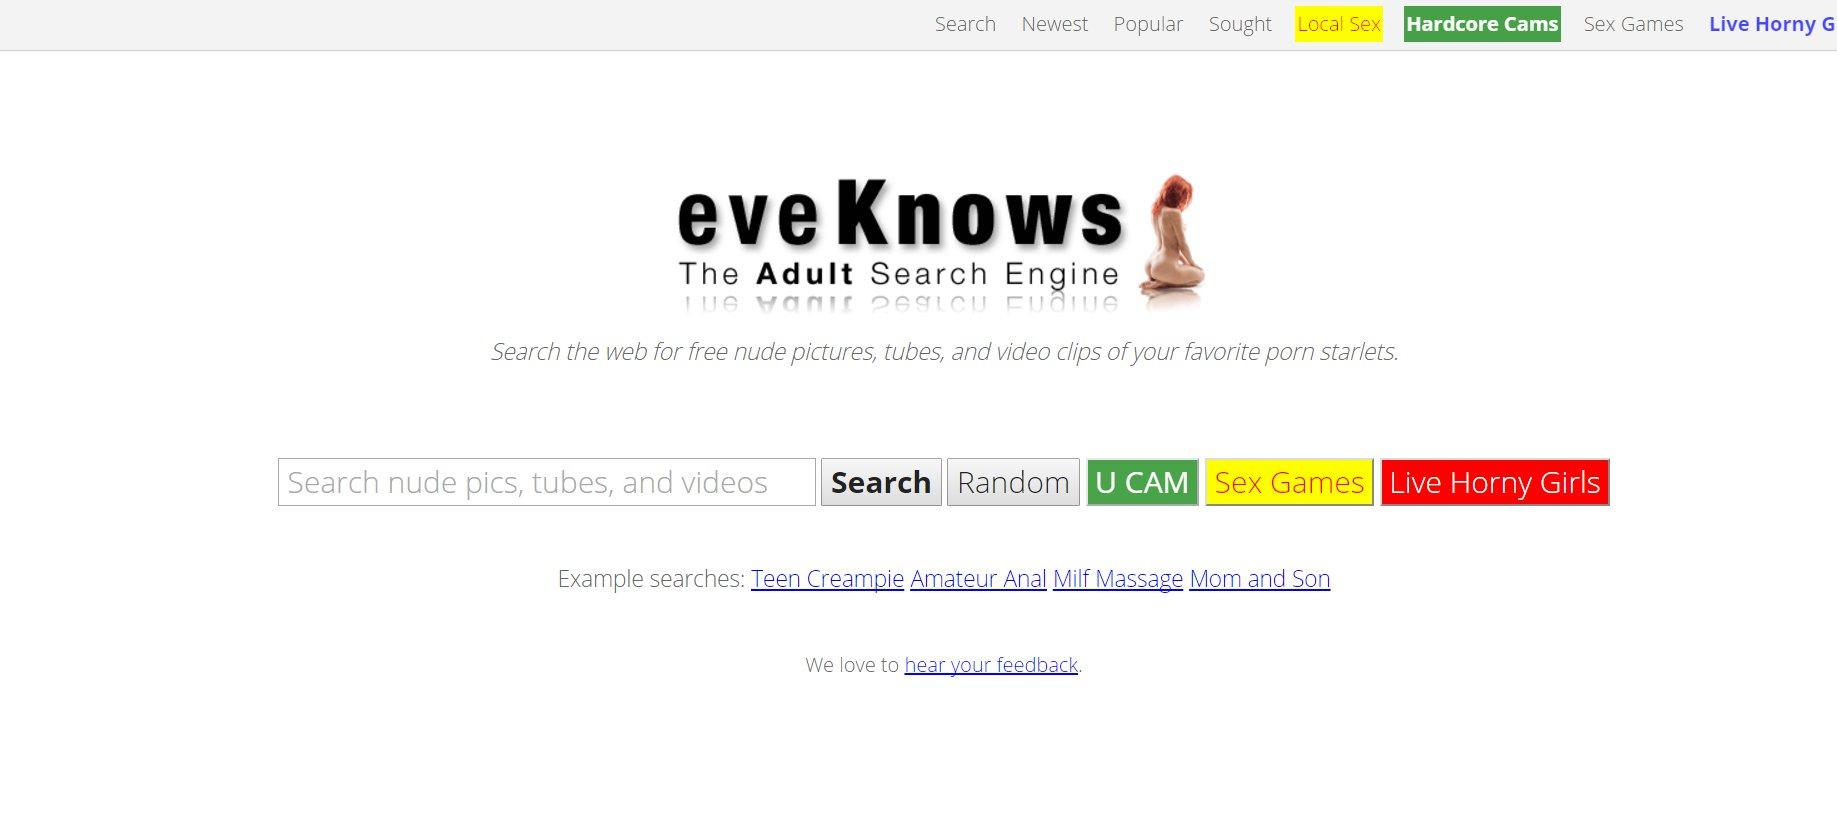 EveKnows.com